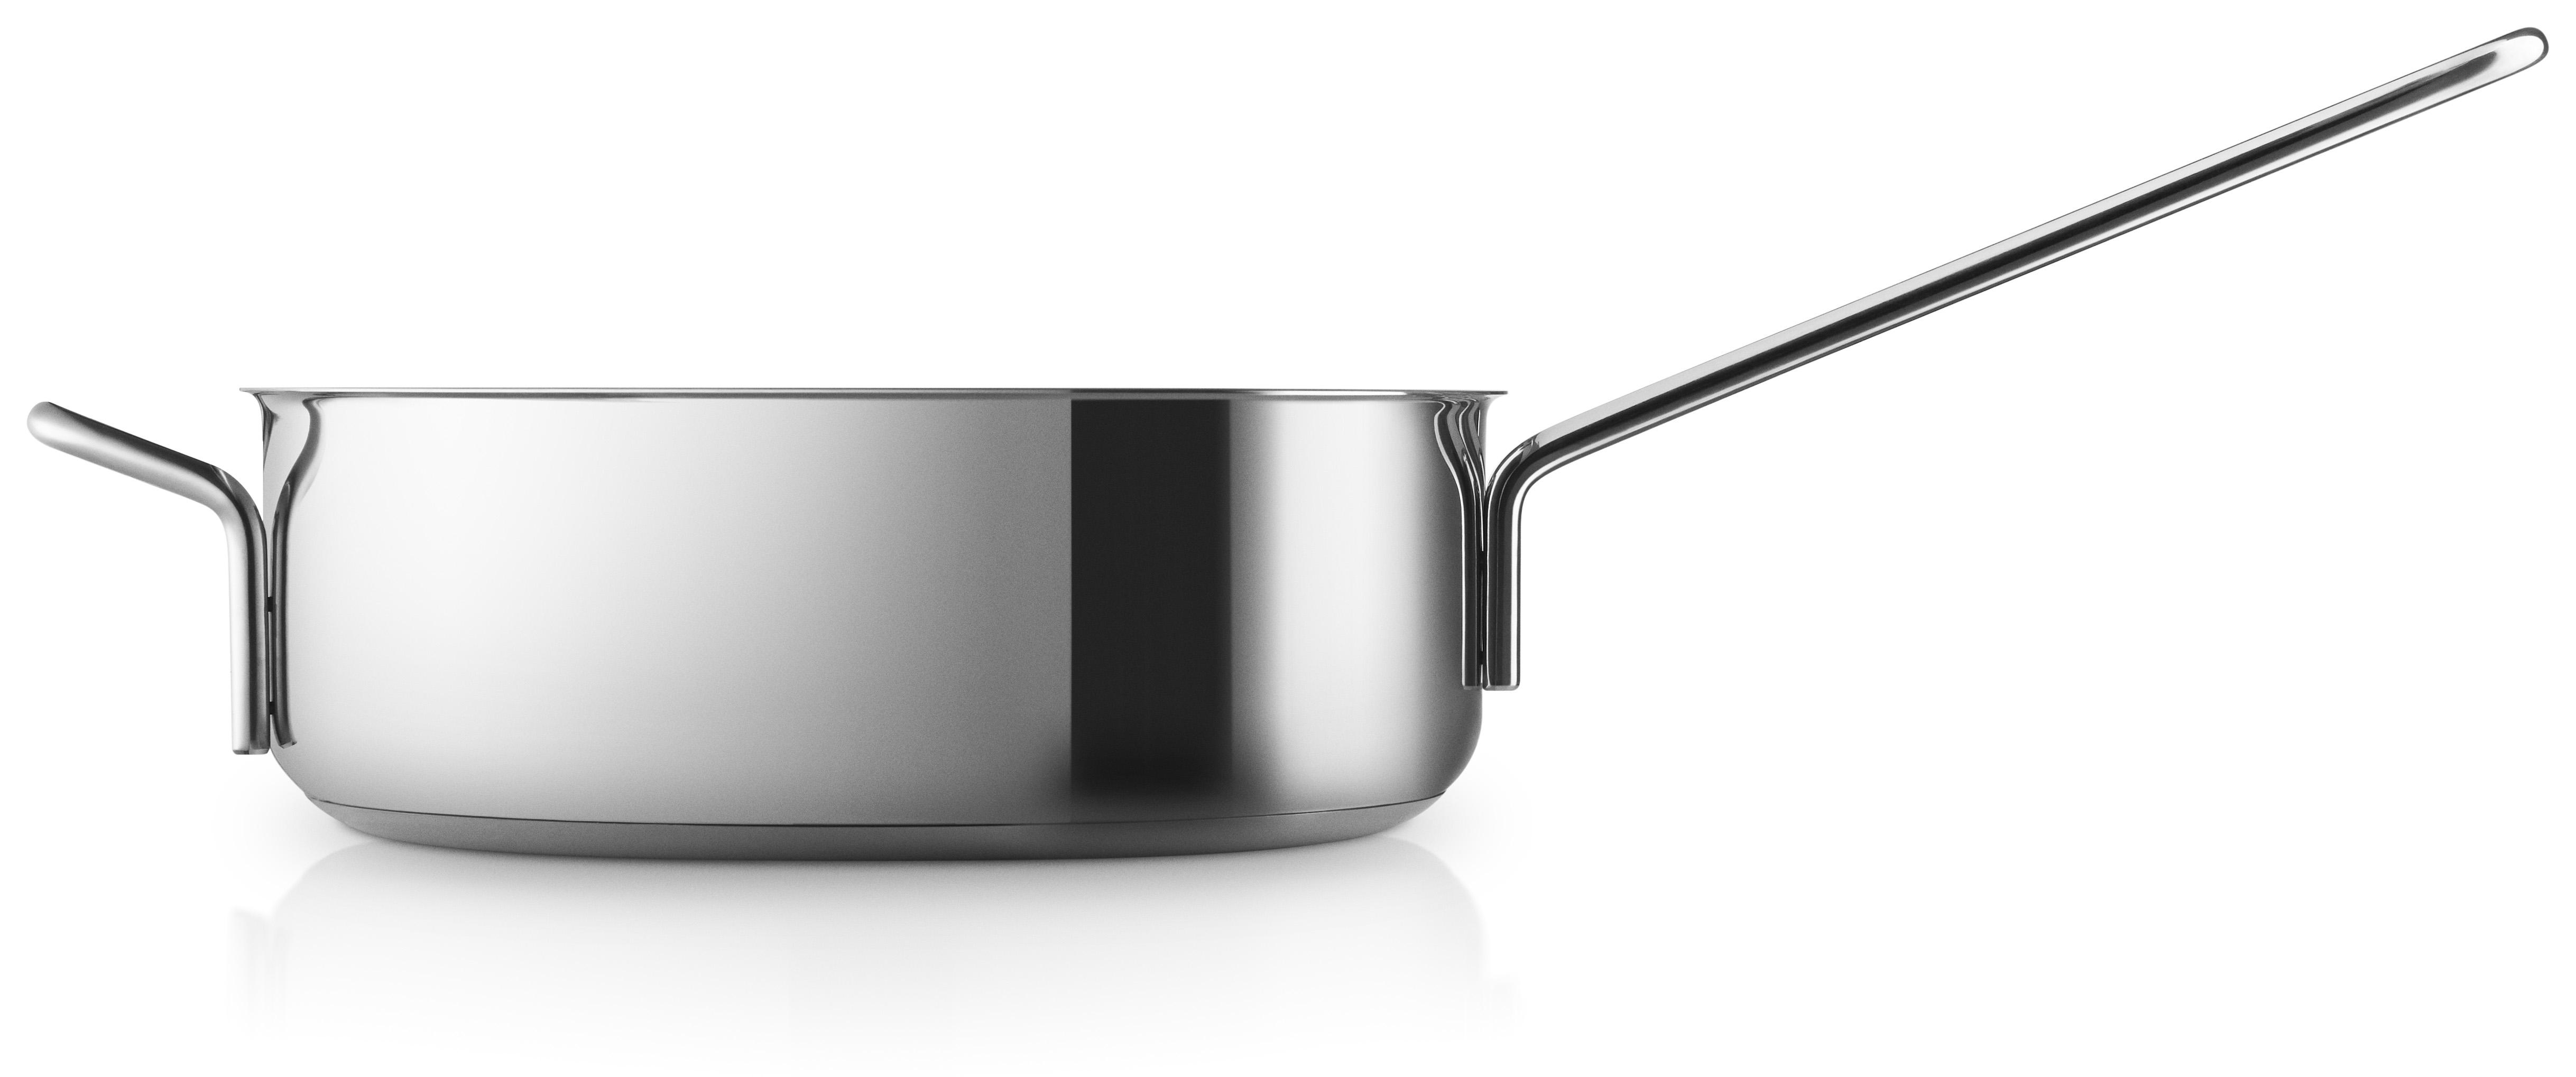 Eva Trio - Stainless Steel Sauté Pan (202424)